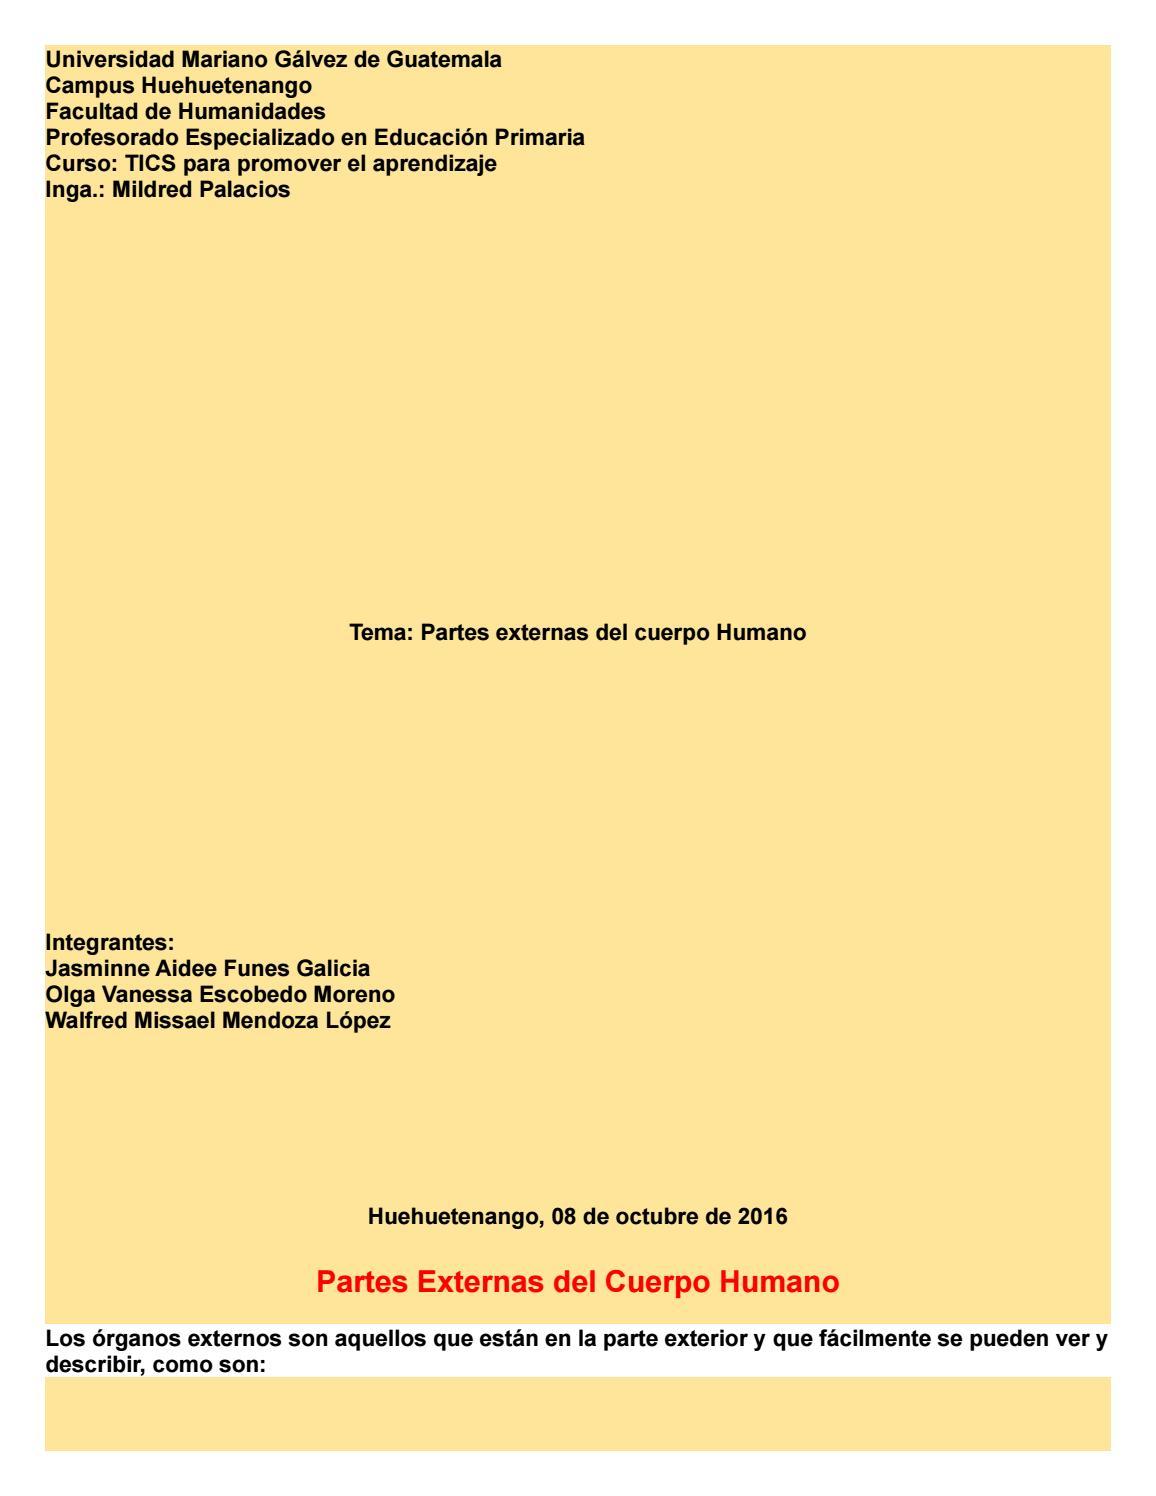 Revista de partes externas del cuerpo humano by Jasminne Galicia - issuu